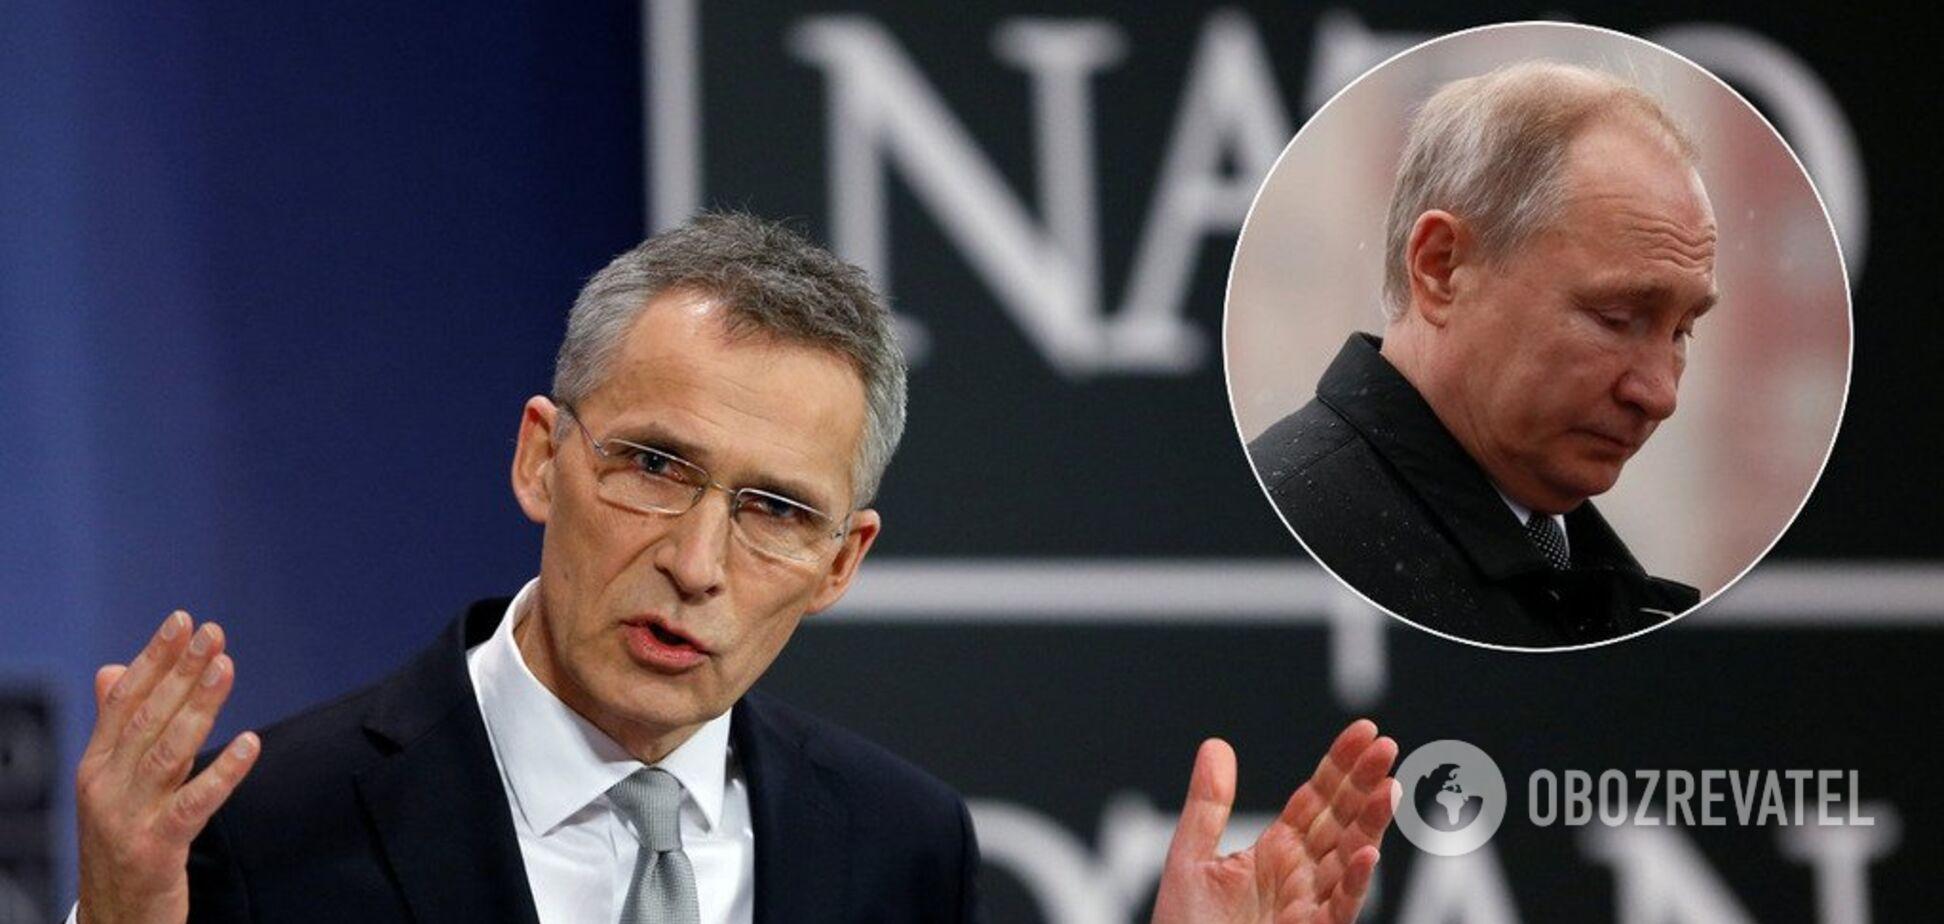 НАТО поставило на місце Путіна через ракет в Європі